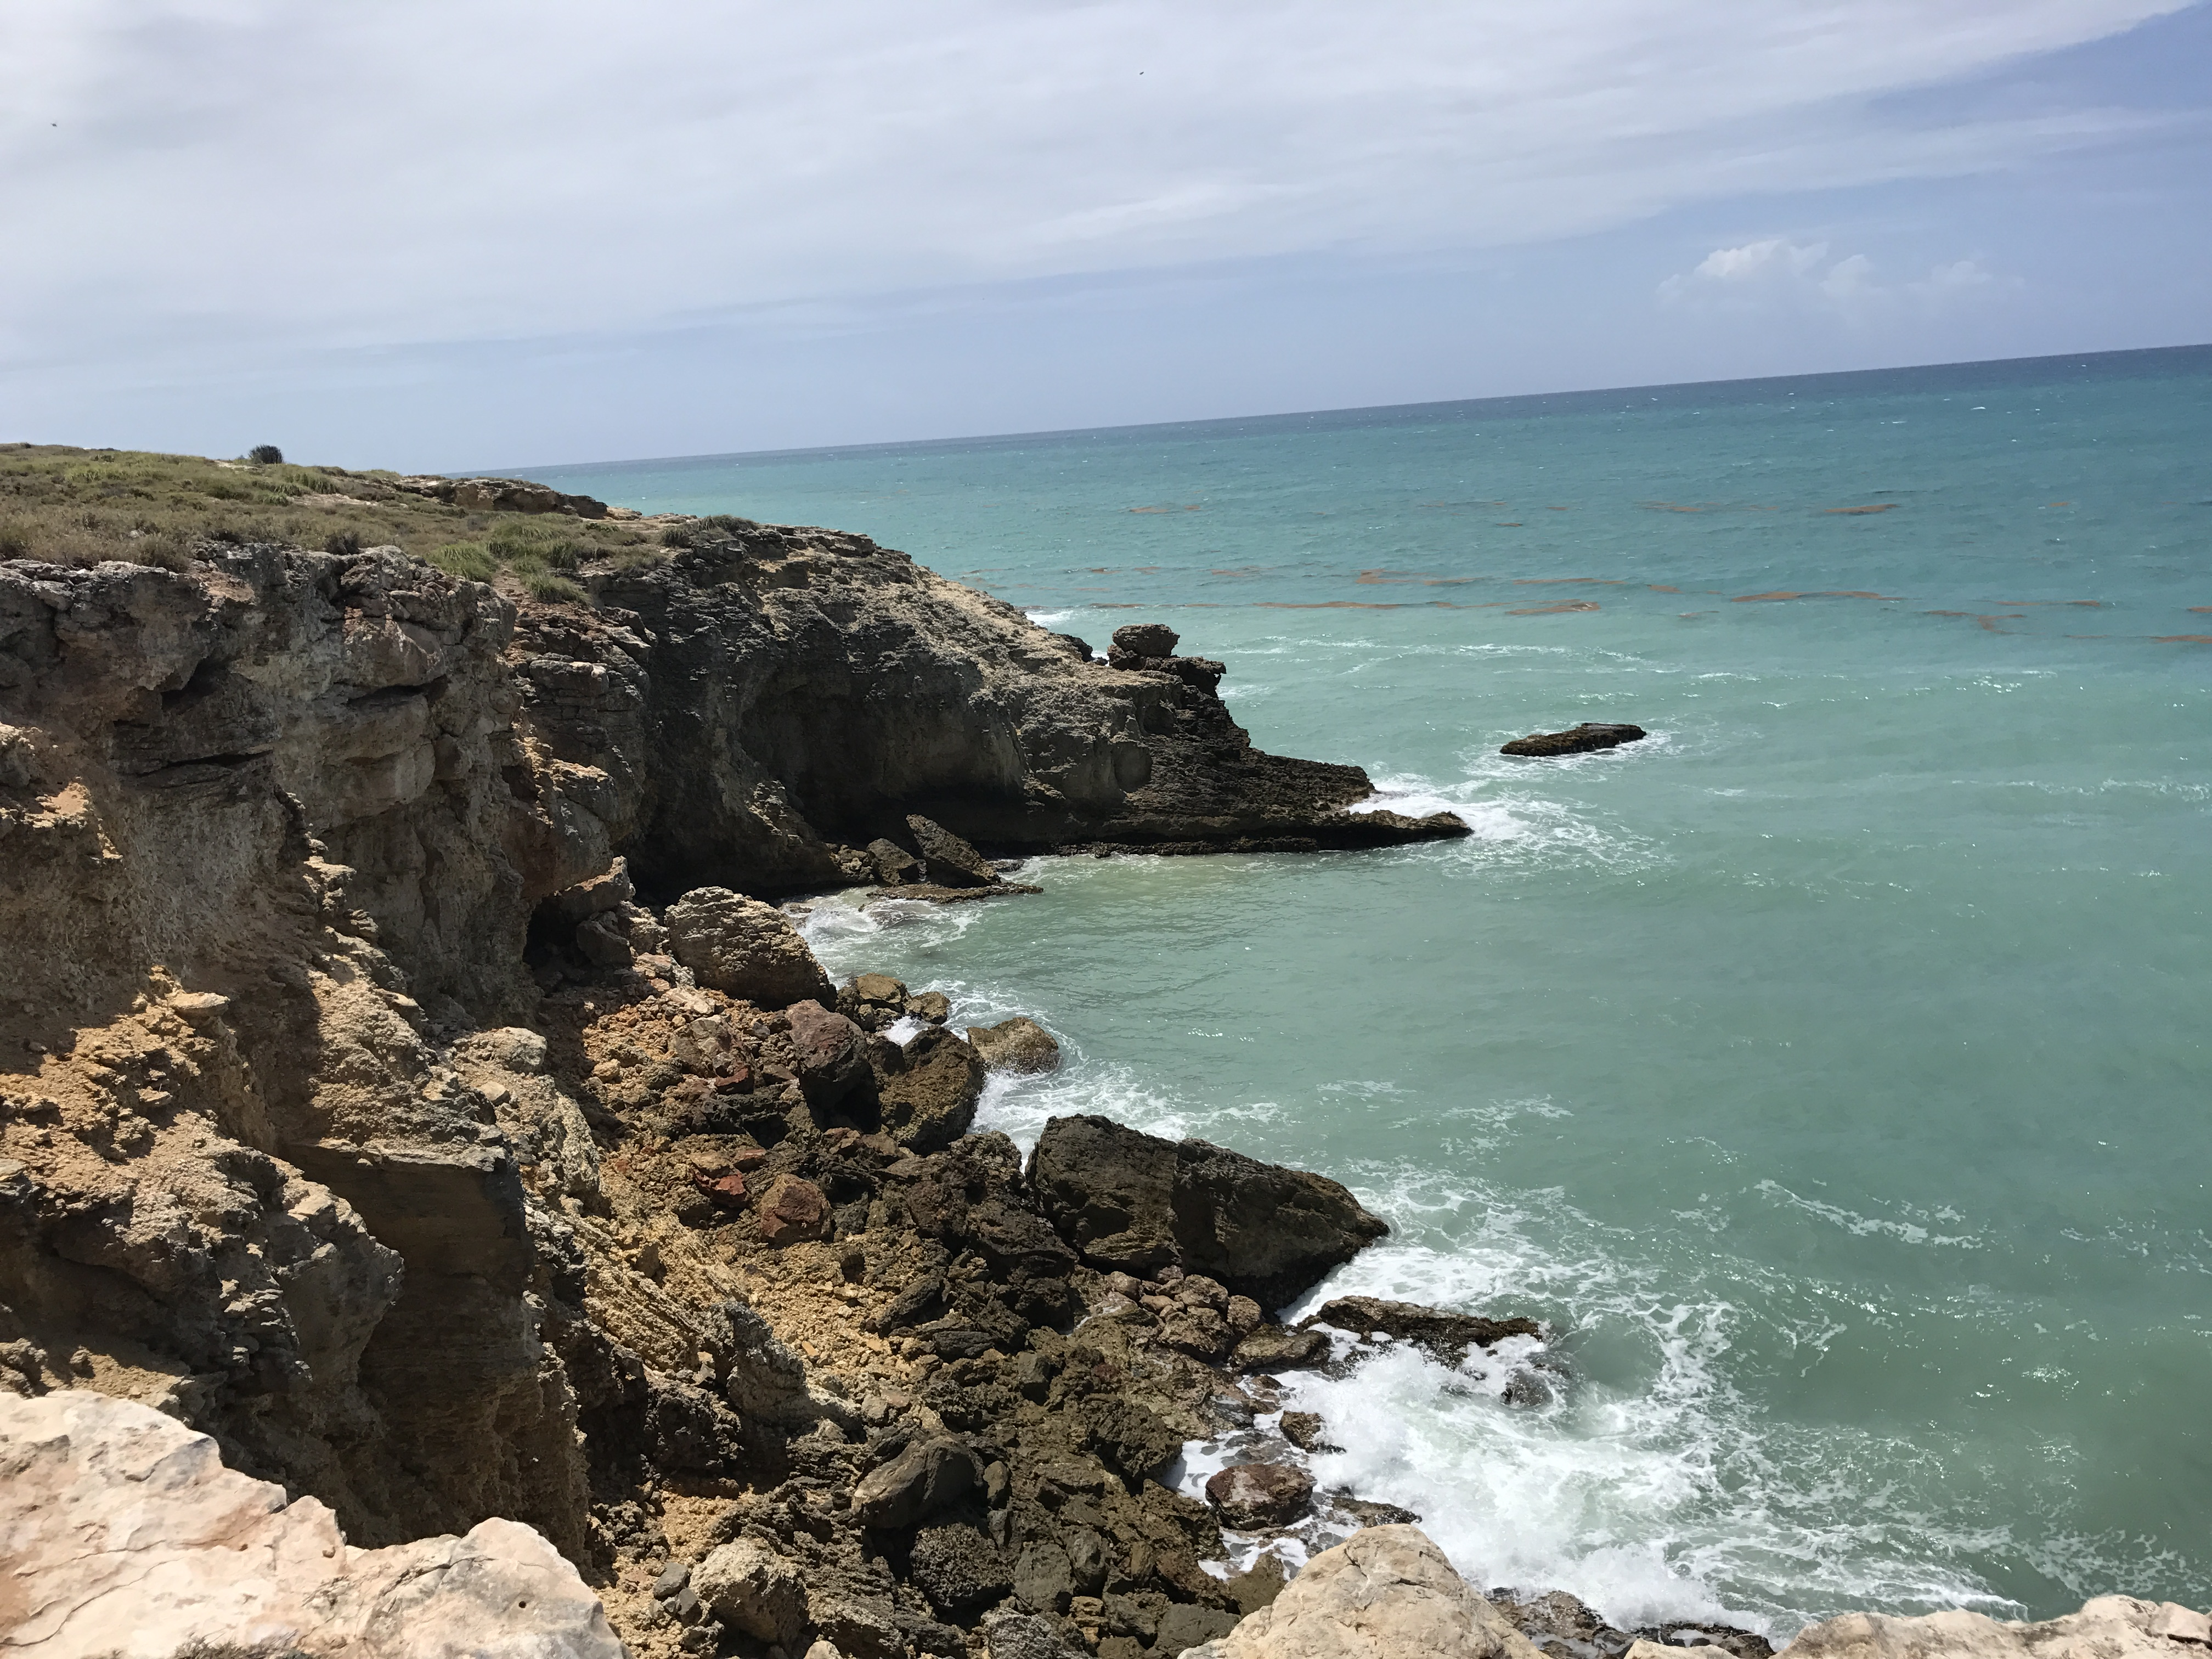 Cabo Rojo - Cliffs